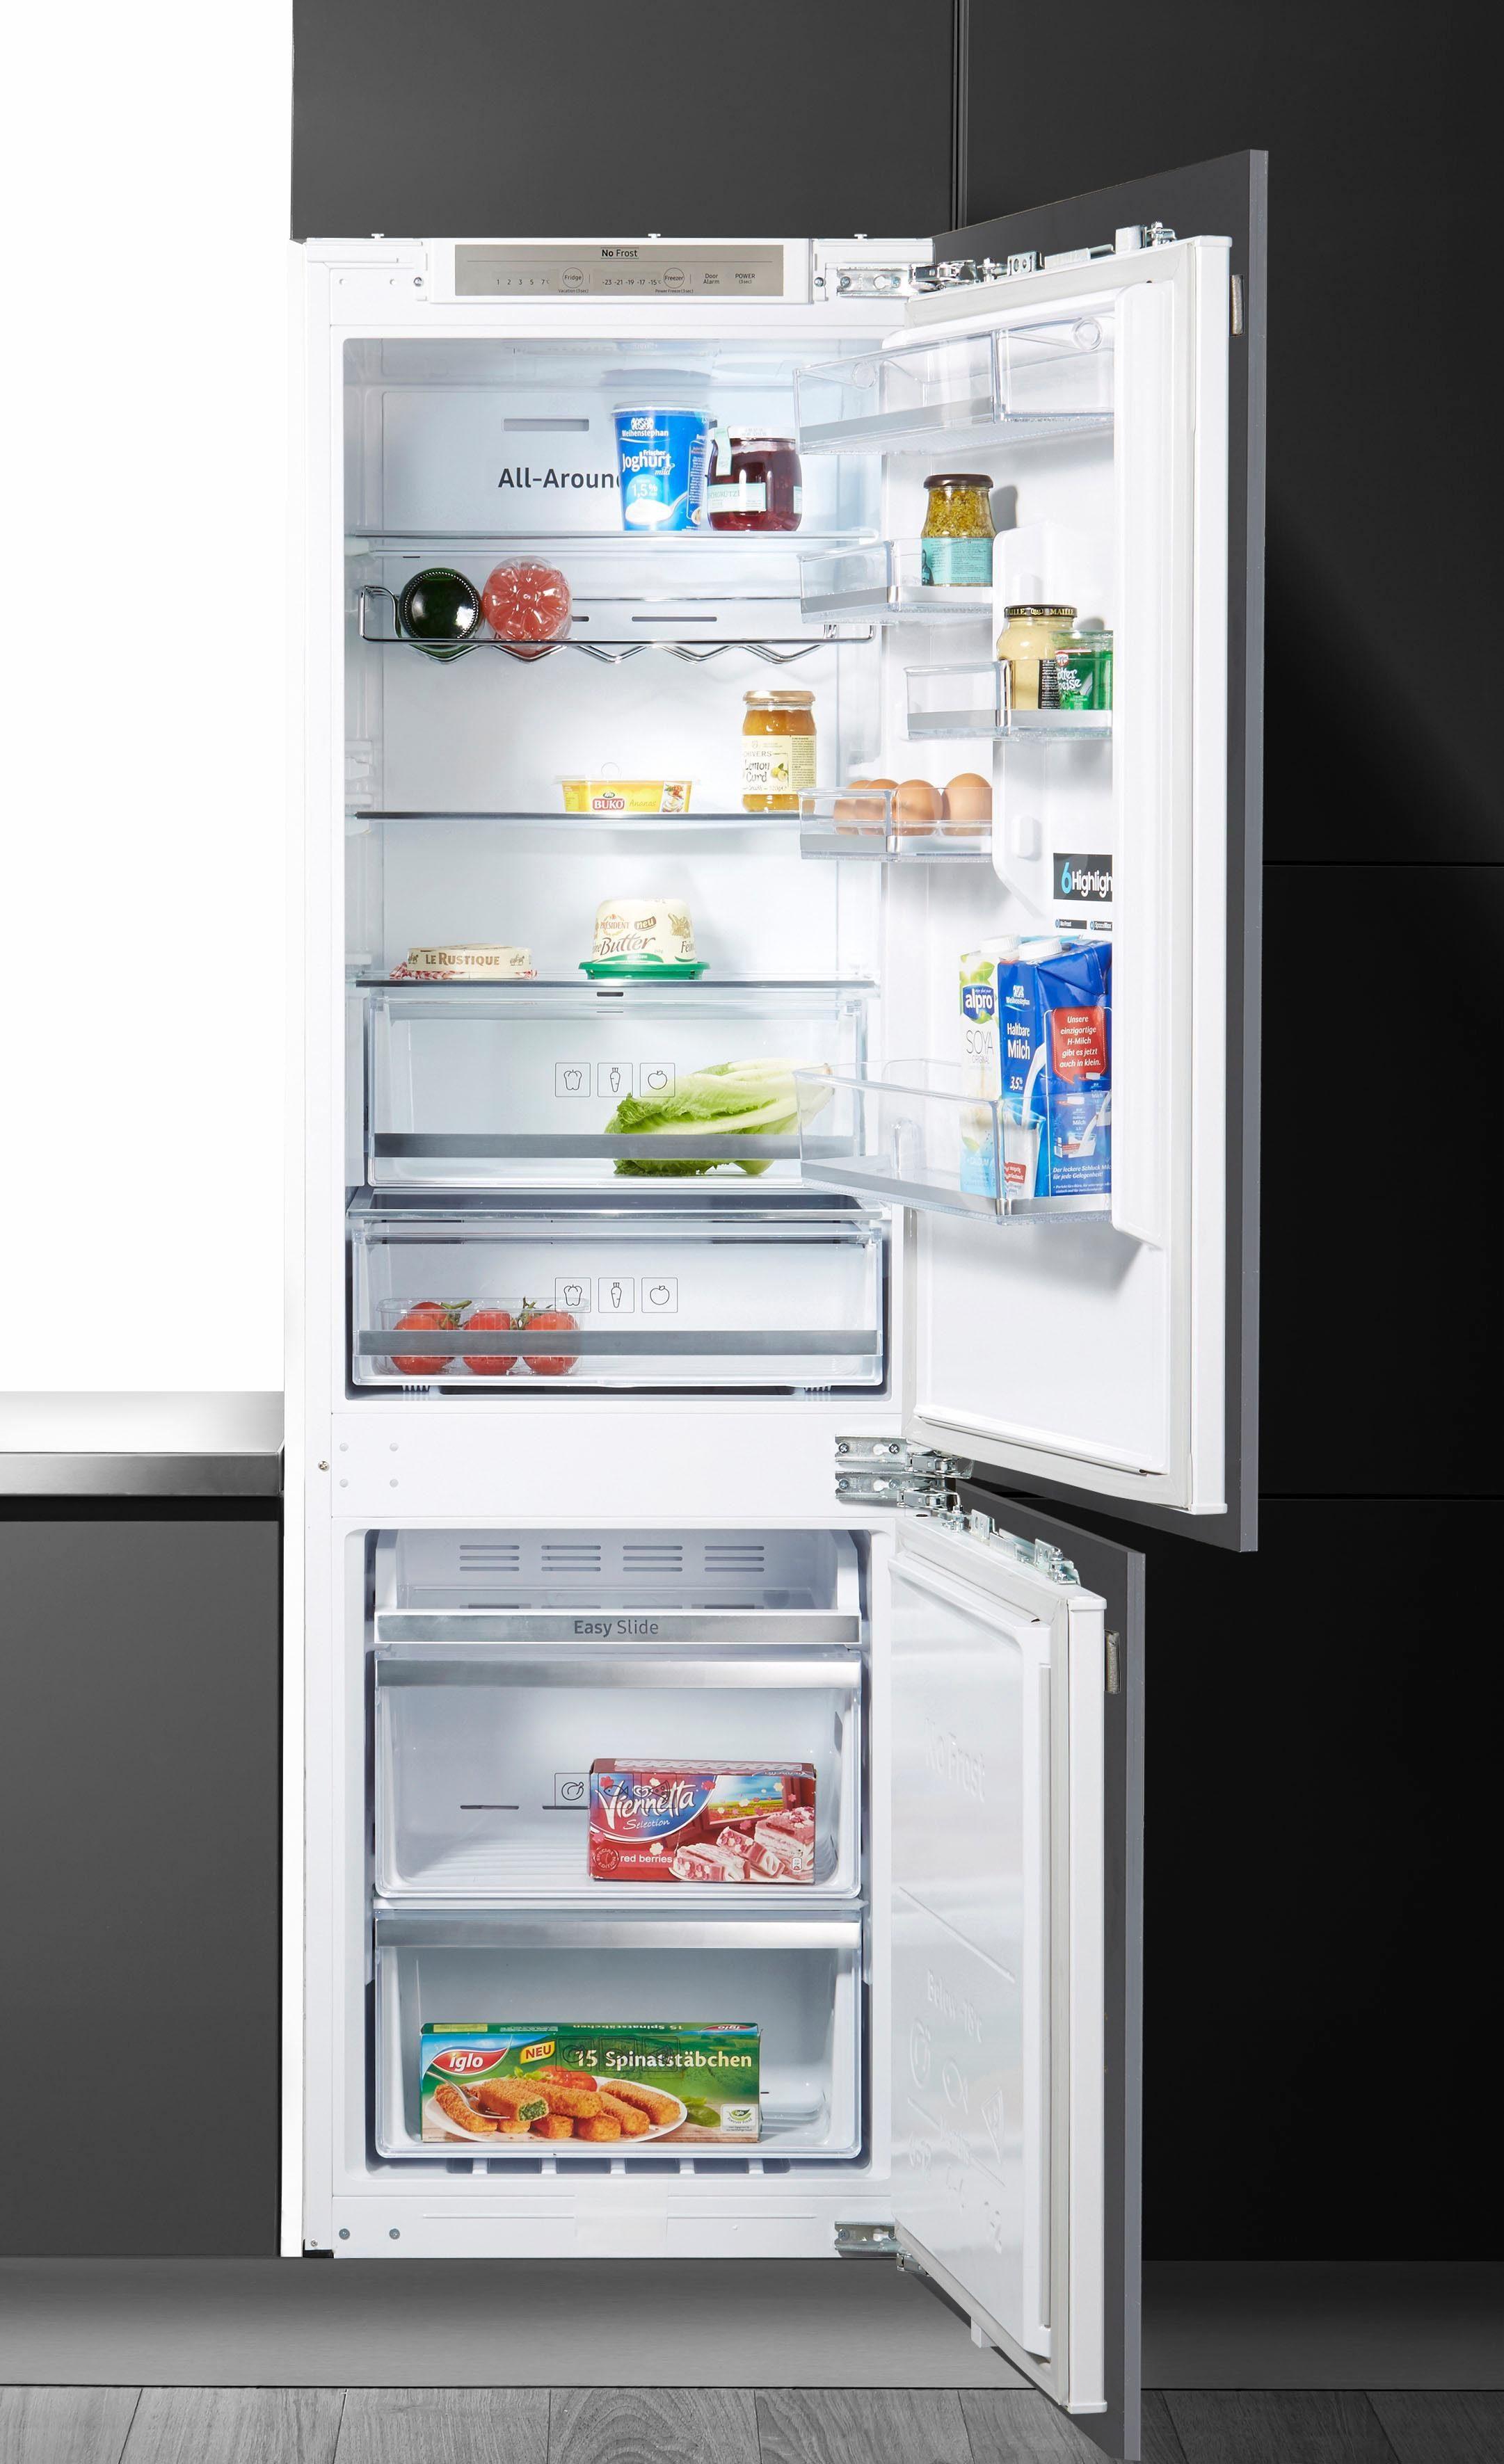 Samsung Einbaukühlgefrierkombination BRB260134WWEG, 177,5 cm hoch, 54,5 cm breit, Energieeffizienzklasse: A++